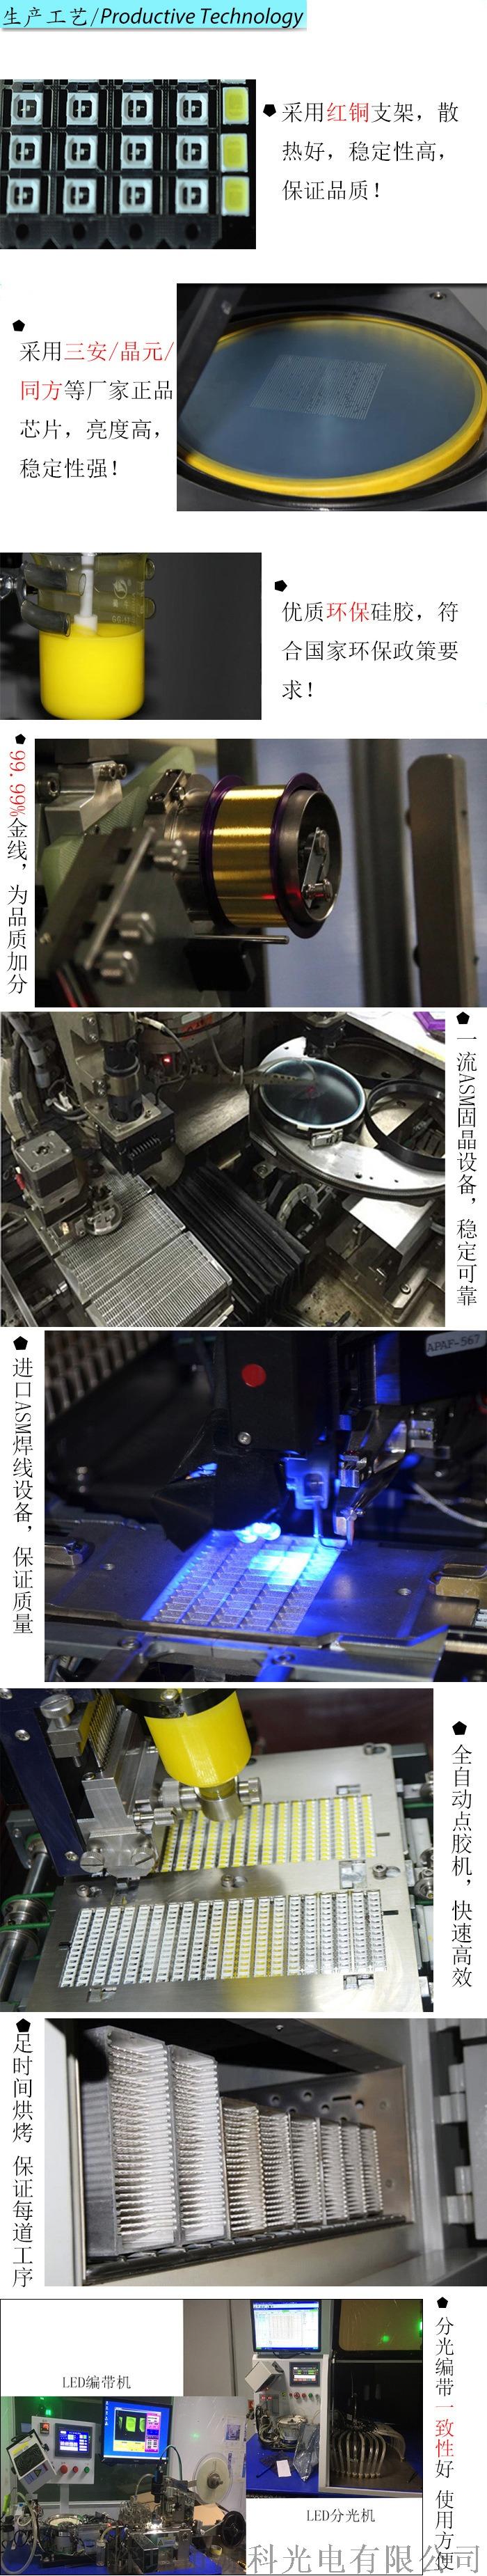 汽车用灯3535透镜LED灯珠红 黄 蓝 绿112692522